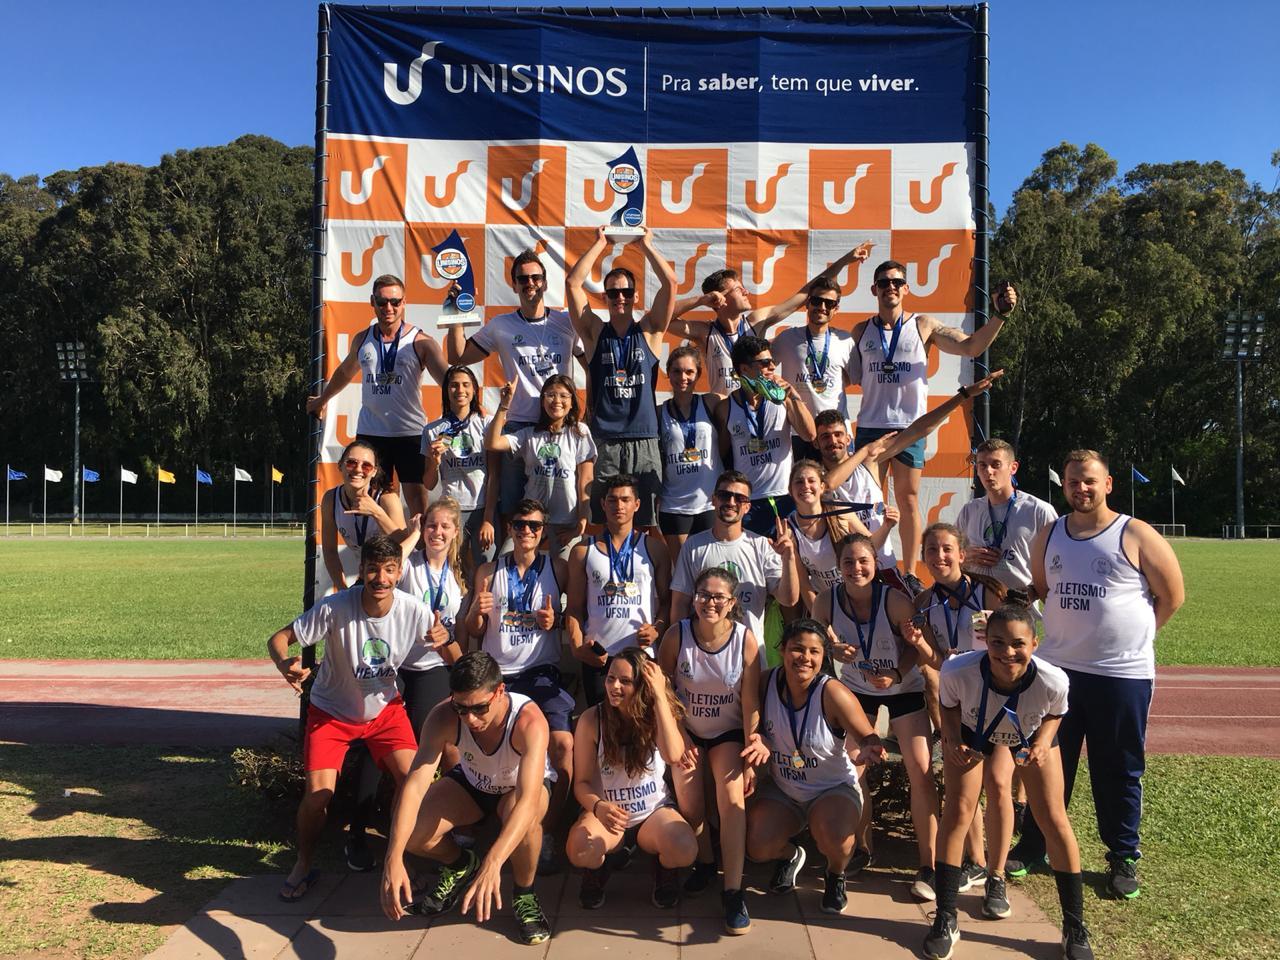 Foto colorida mostra uma turma de atletas em uma pista, em frente a um grande banner da unisinos, todos com regata do atletismo UFSM, alguns com medalhas